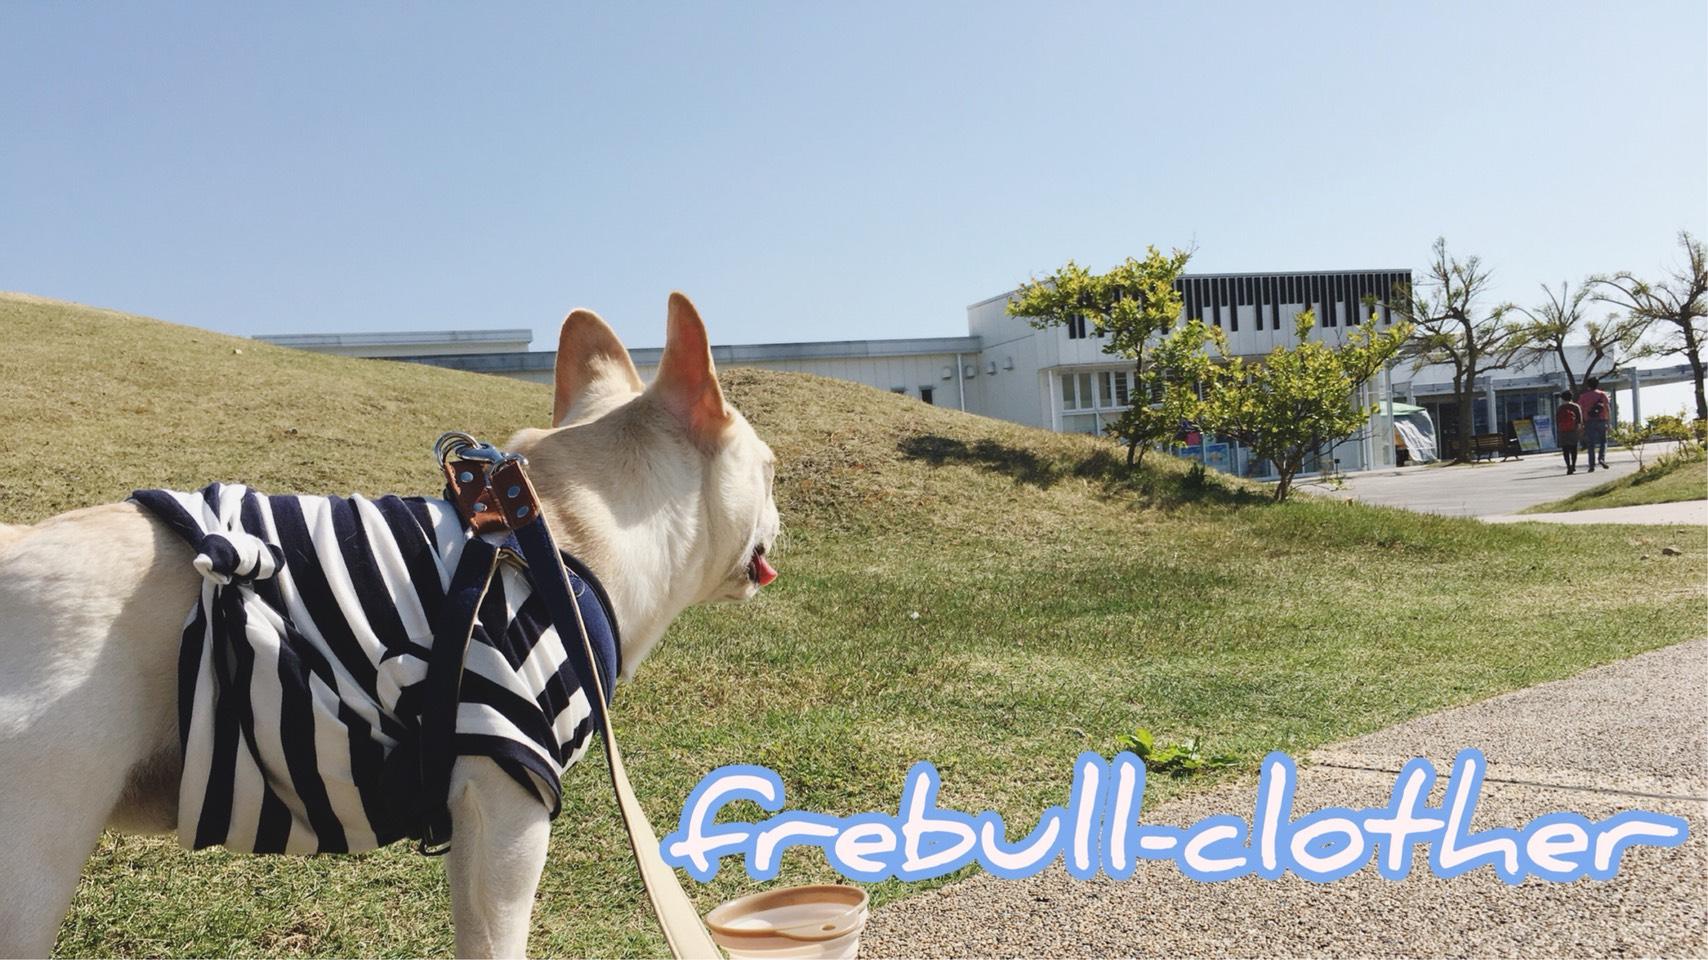 frebull-clother かわいいドッグウェア・鼻ぺちゃ専門の通販紹介画像2